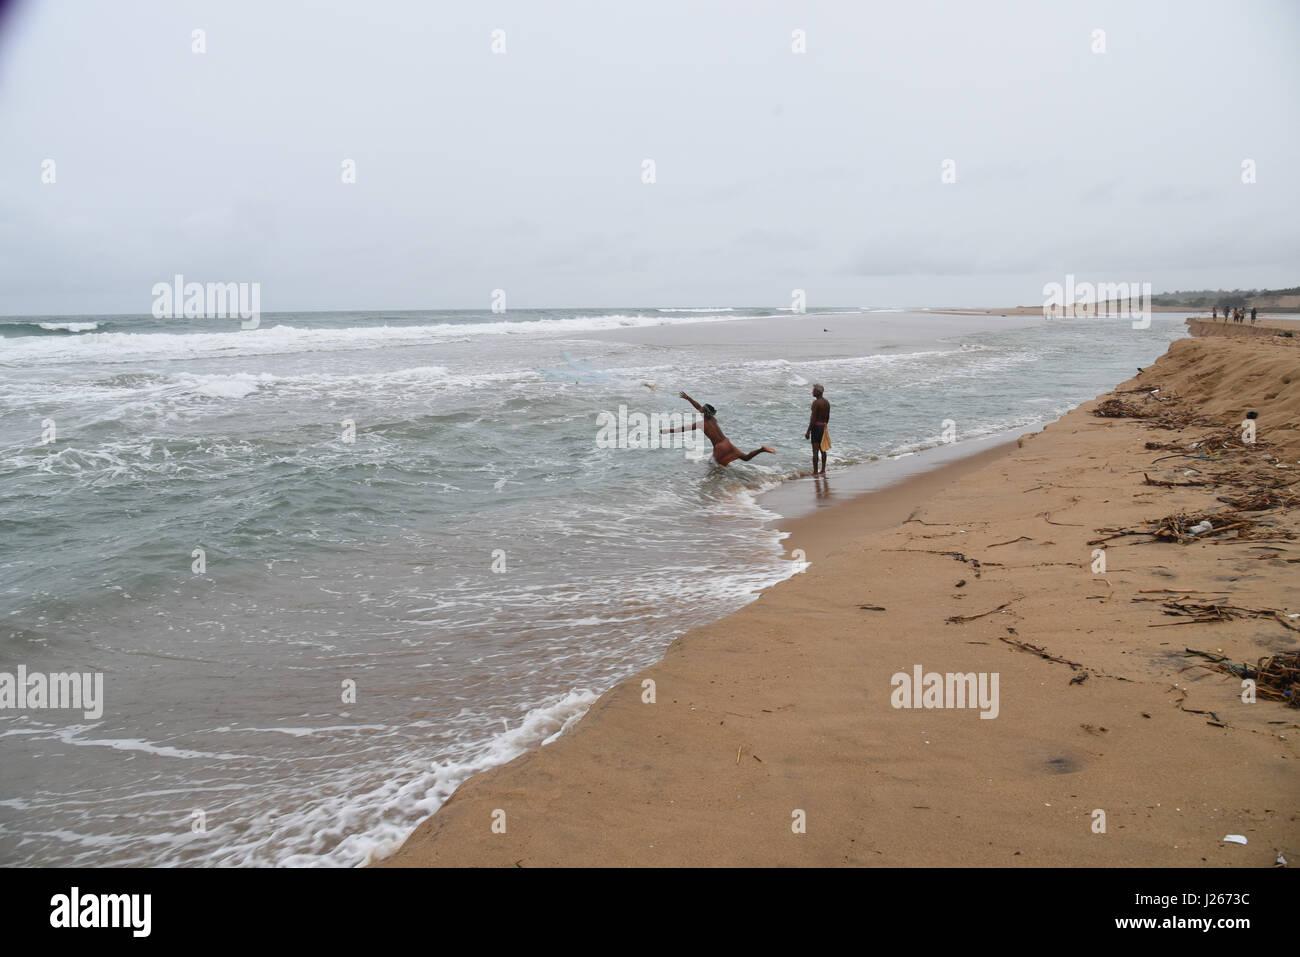 Fishing on the sea Puri, Orissa, India, Stock Photo